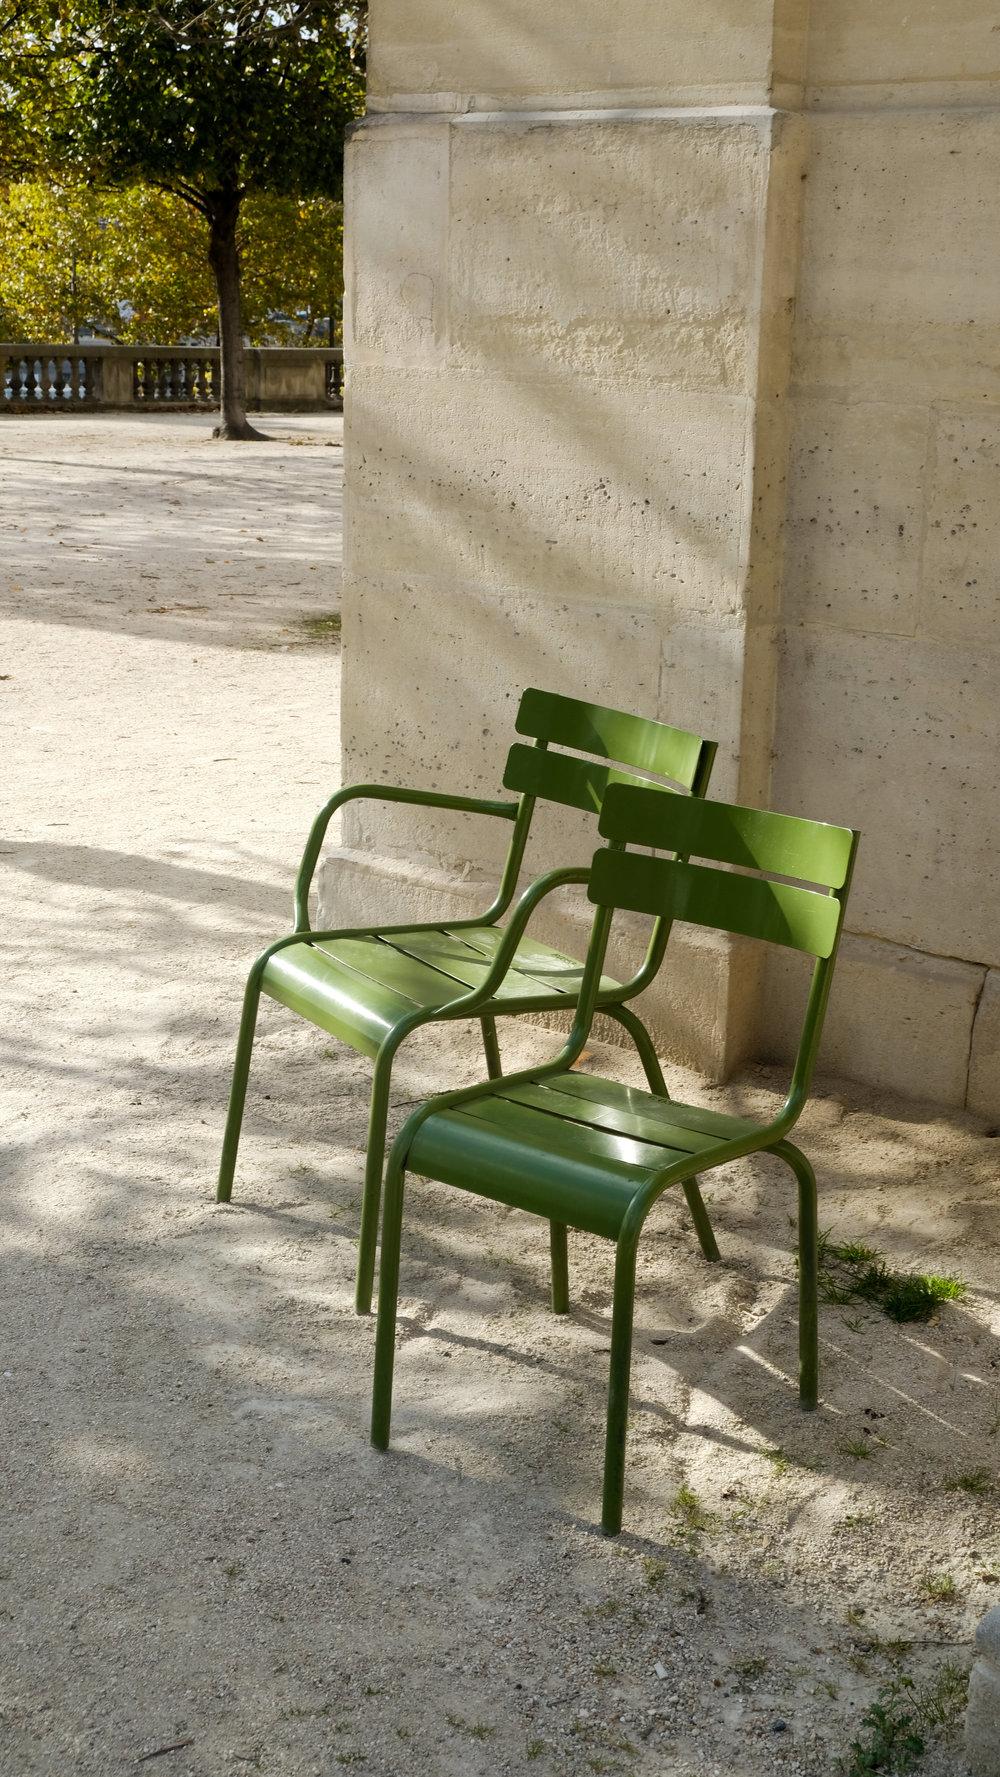 OLDERchaises-2813.jpg